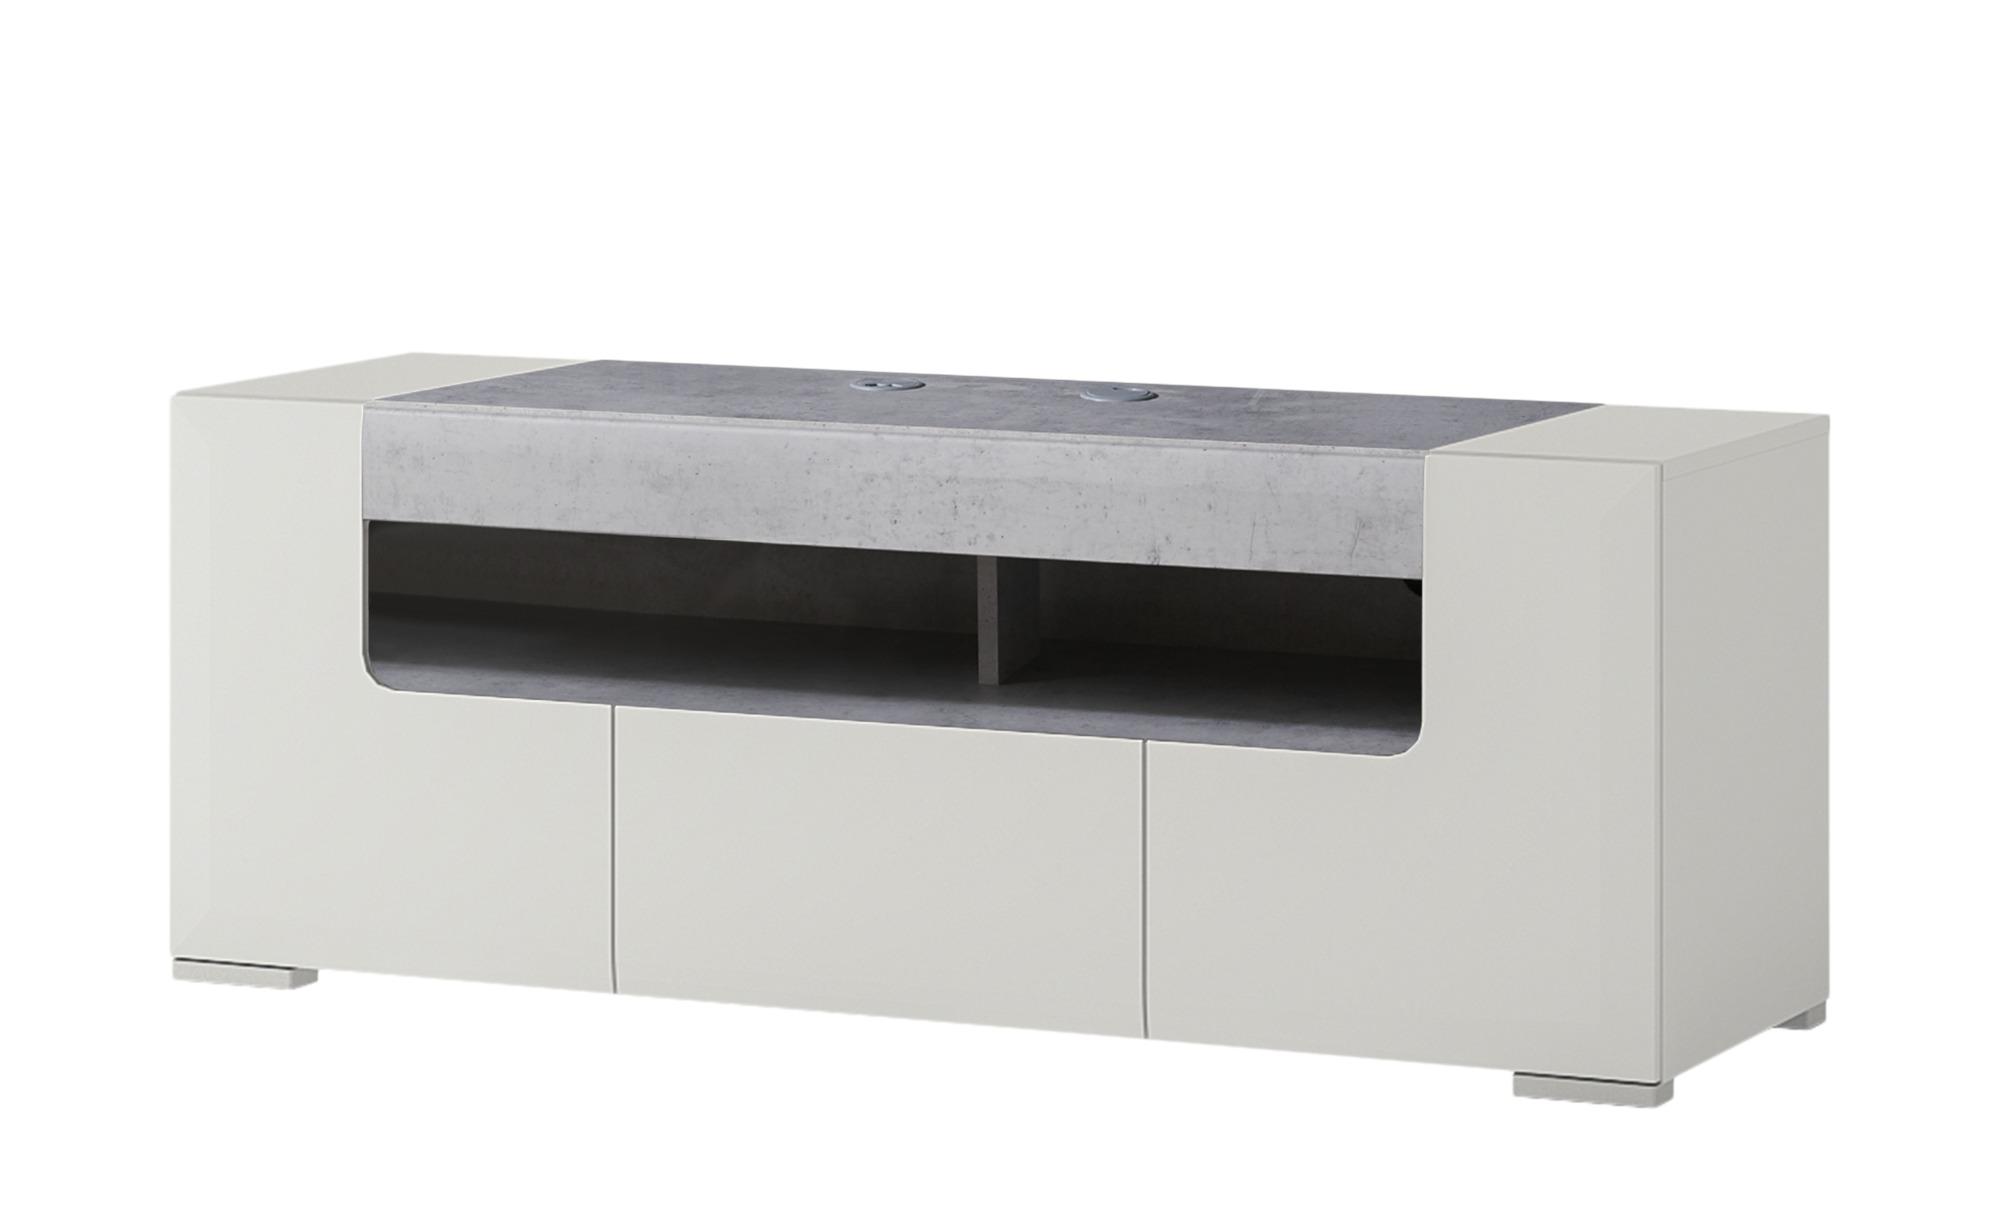 TV-Unterteil - weiß - 140 cm - 52 cm - 45 cm - Sconto | Wohnzimmer > TV-HiFi-Möbel > TV-Lowboards | Sconto